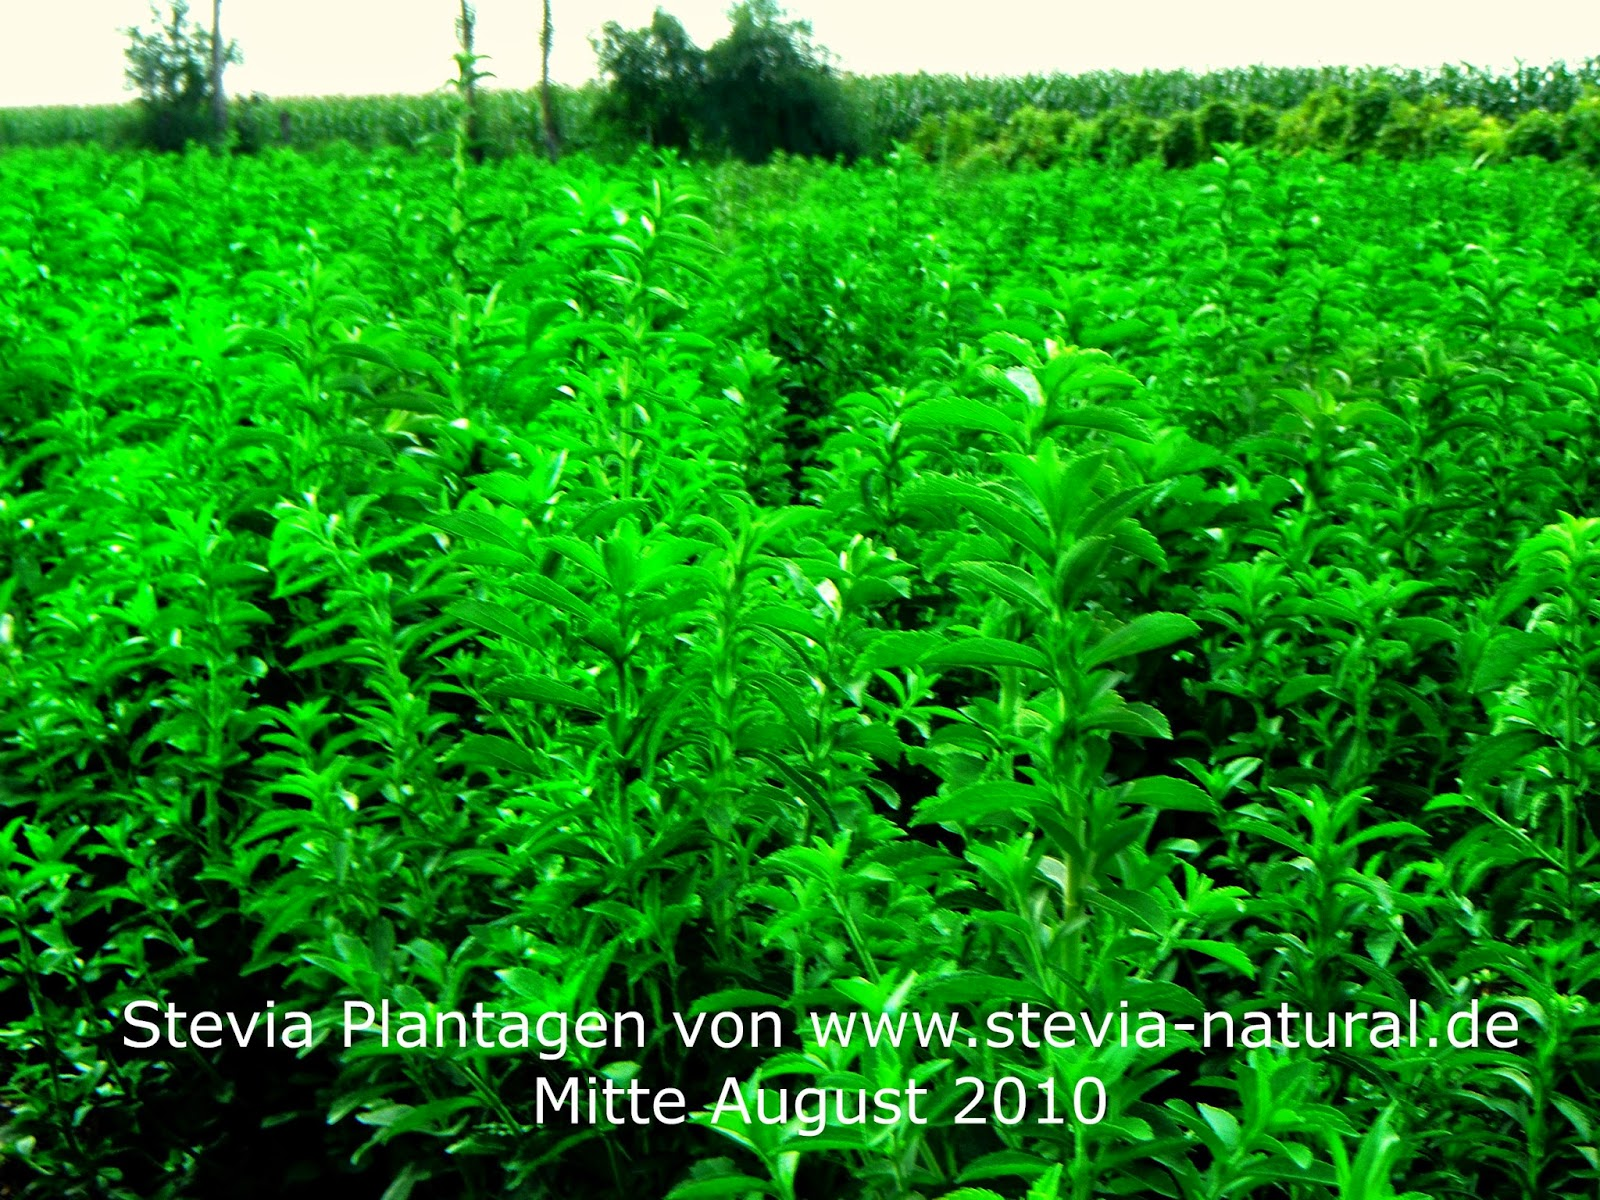 Stevia Anbau an Sonnenhang